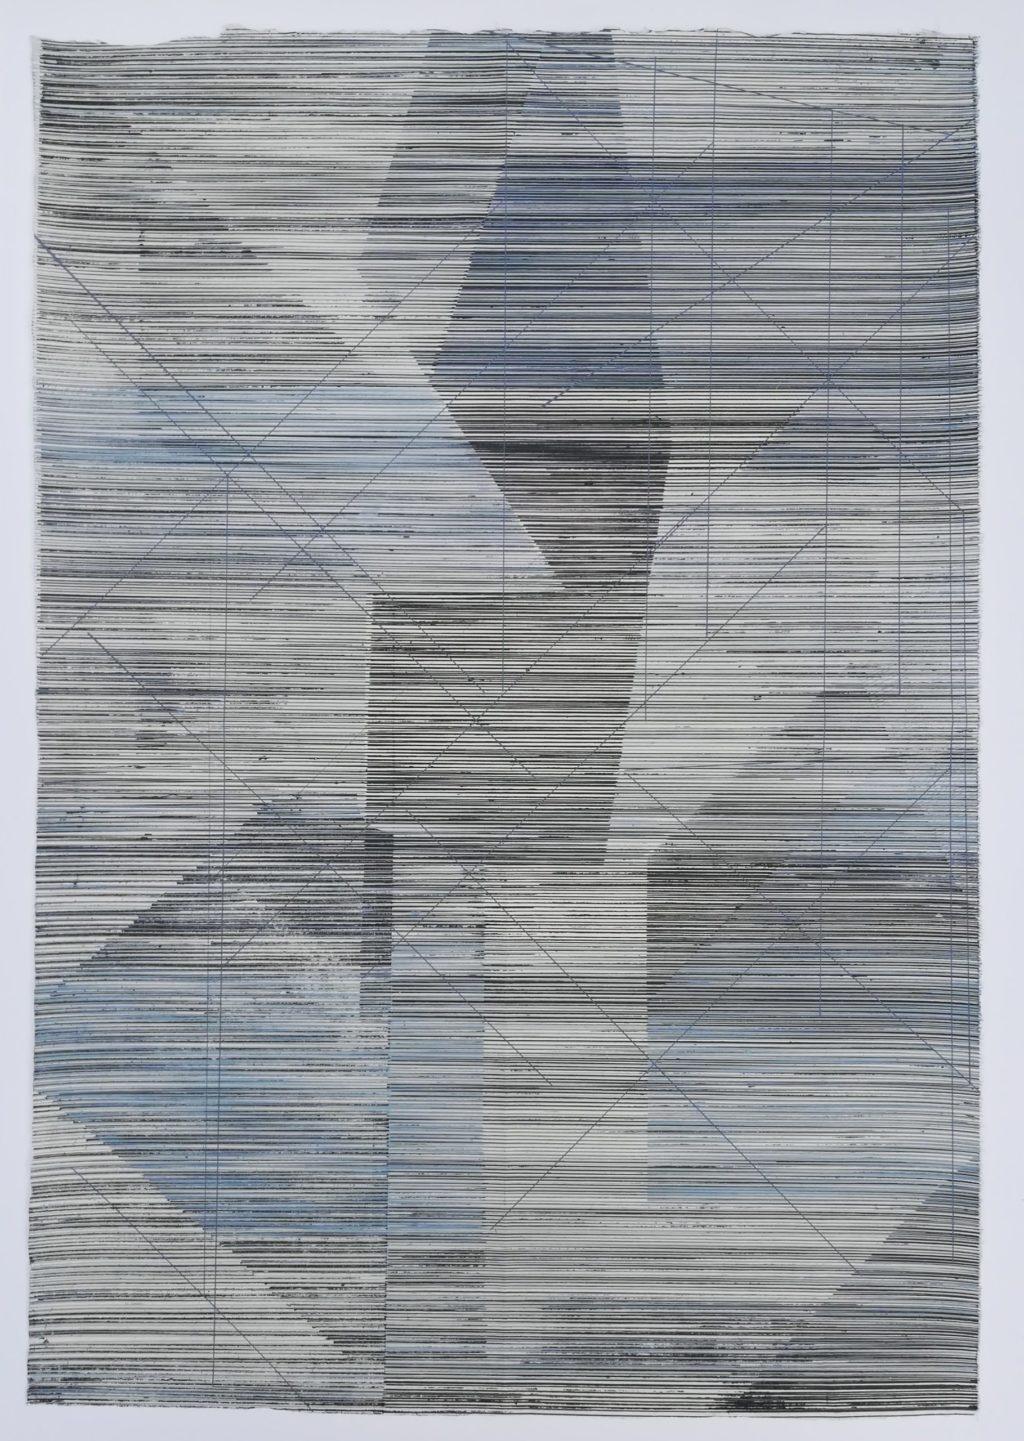 Babette Cooijmans 'Cityscapes 0 no.4' lithography & silkscreen monoprint 17,25 x 25 2019